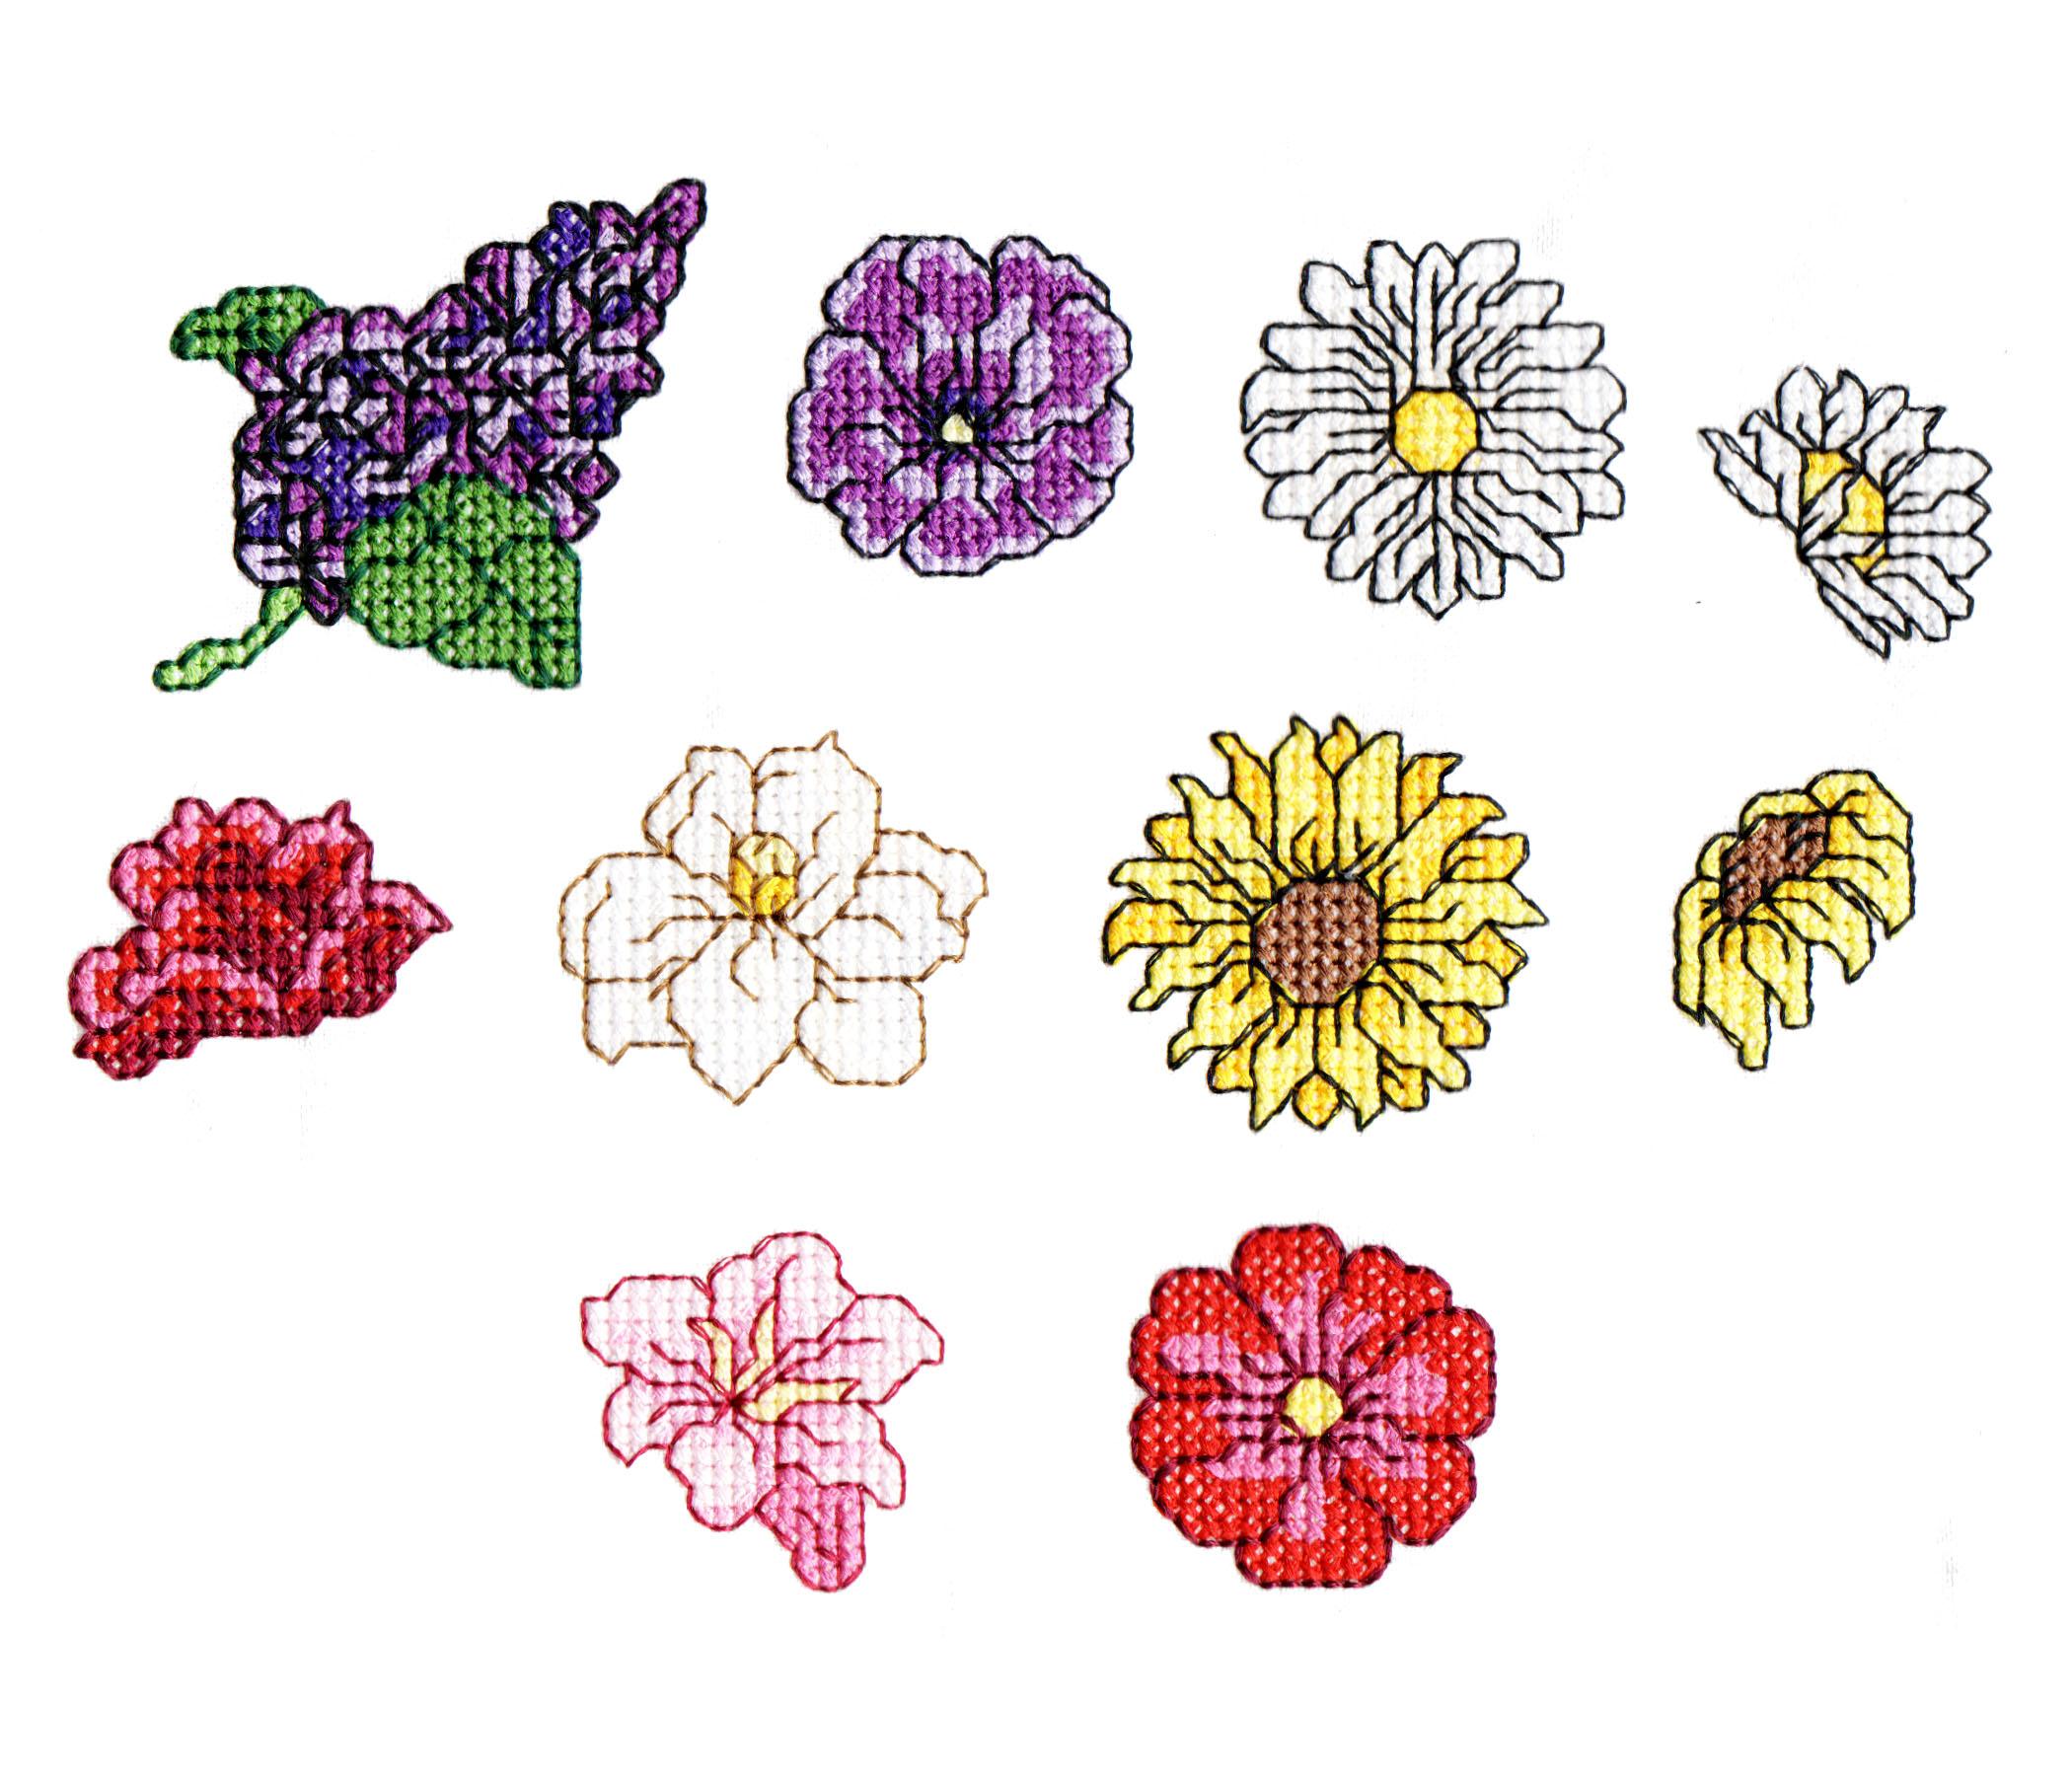 Floral Medleys-11